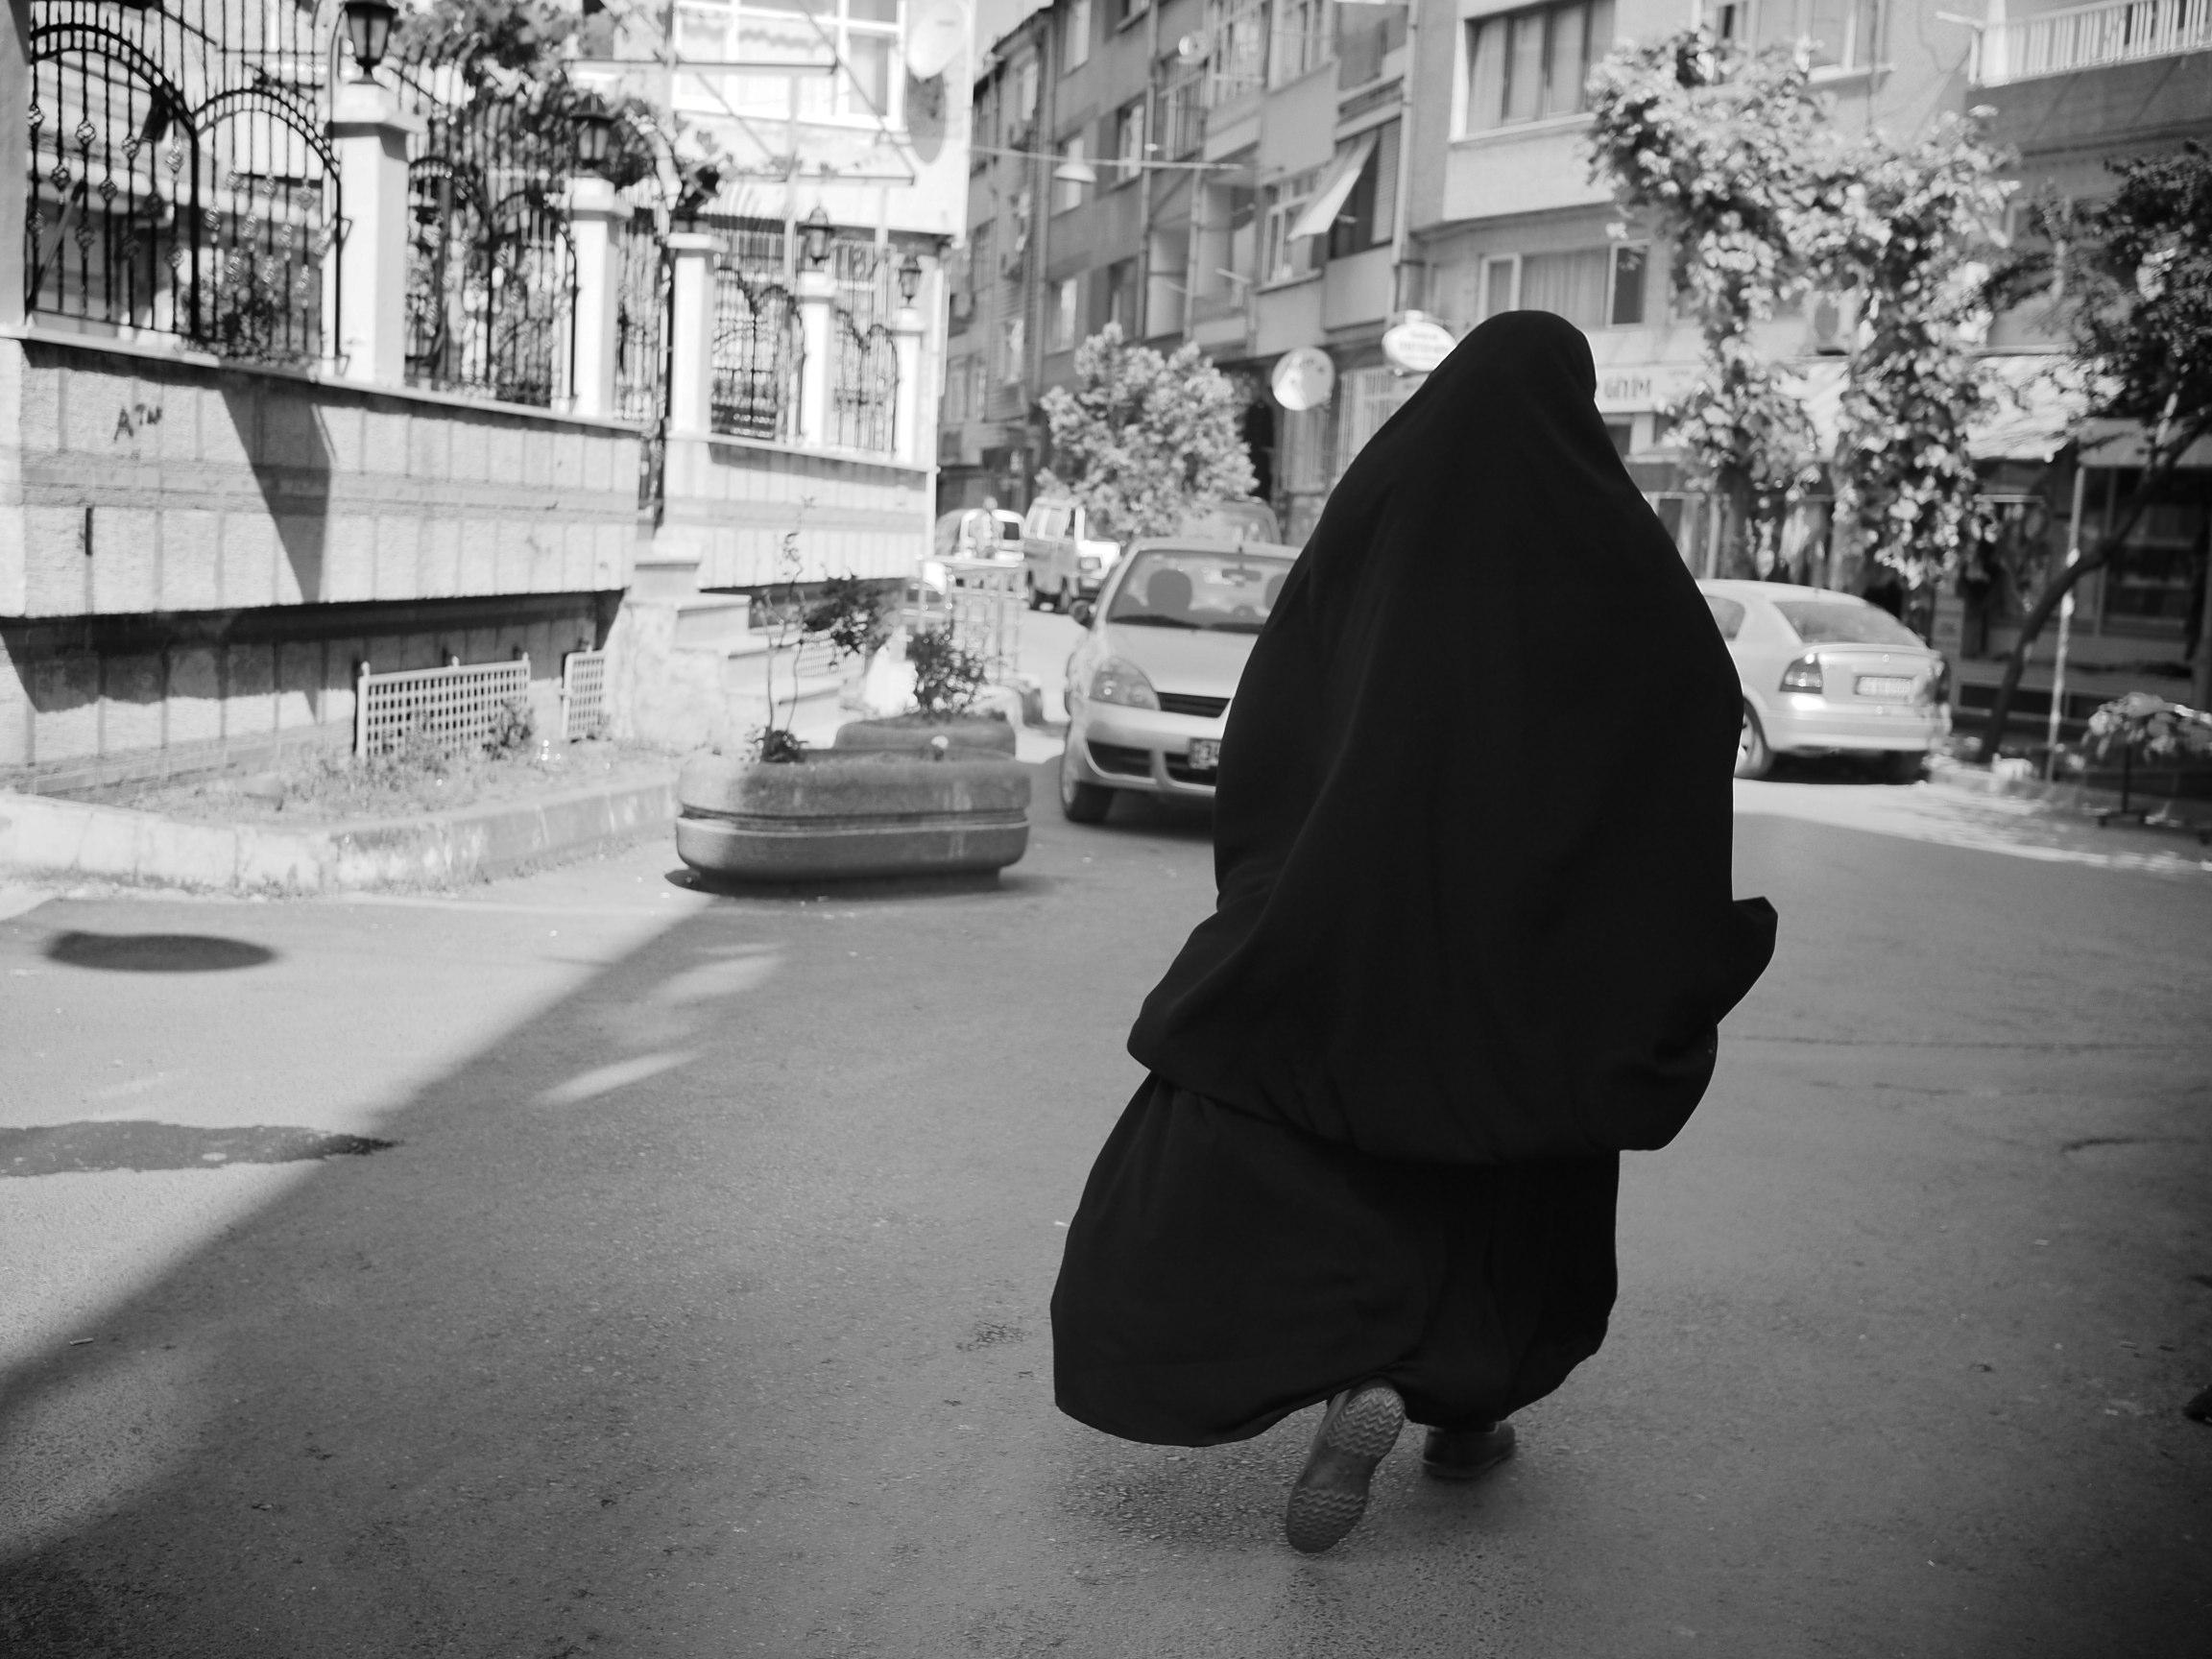 Nächster Bücherskandal in Schweden: Scharia soll normalisiert werden